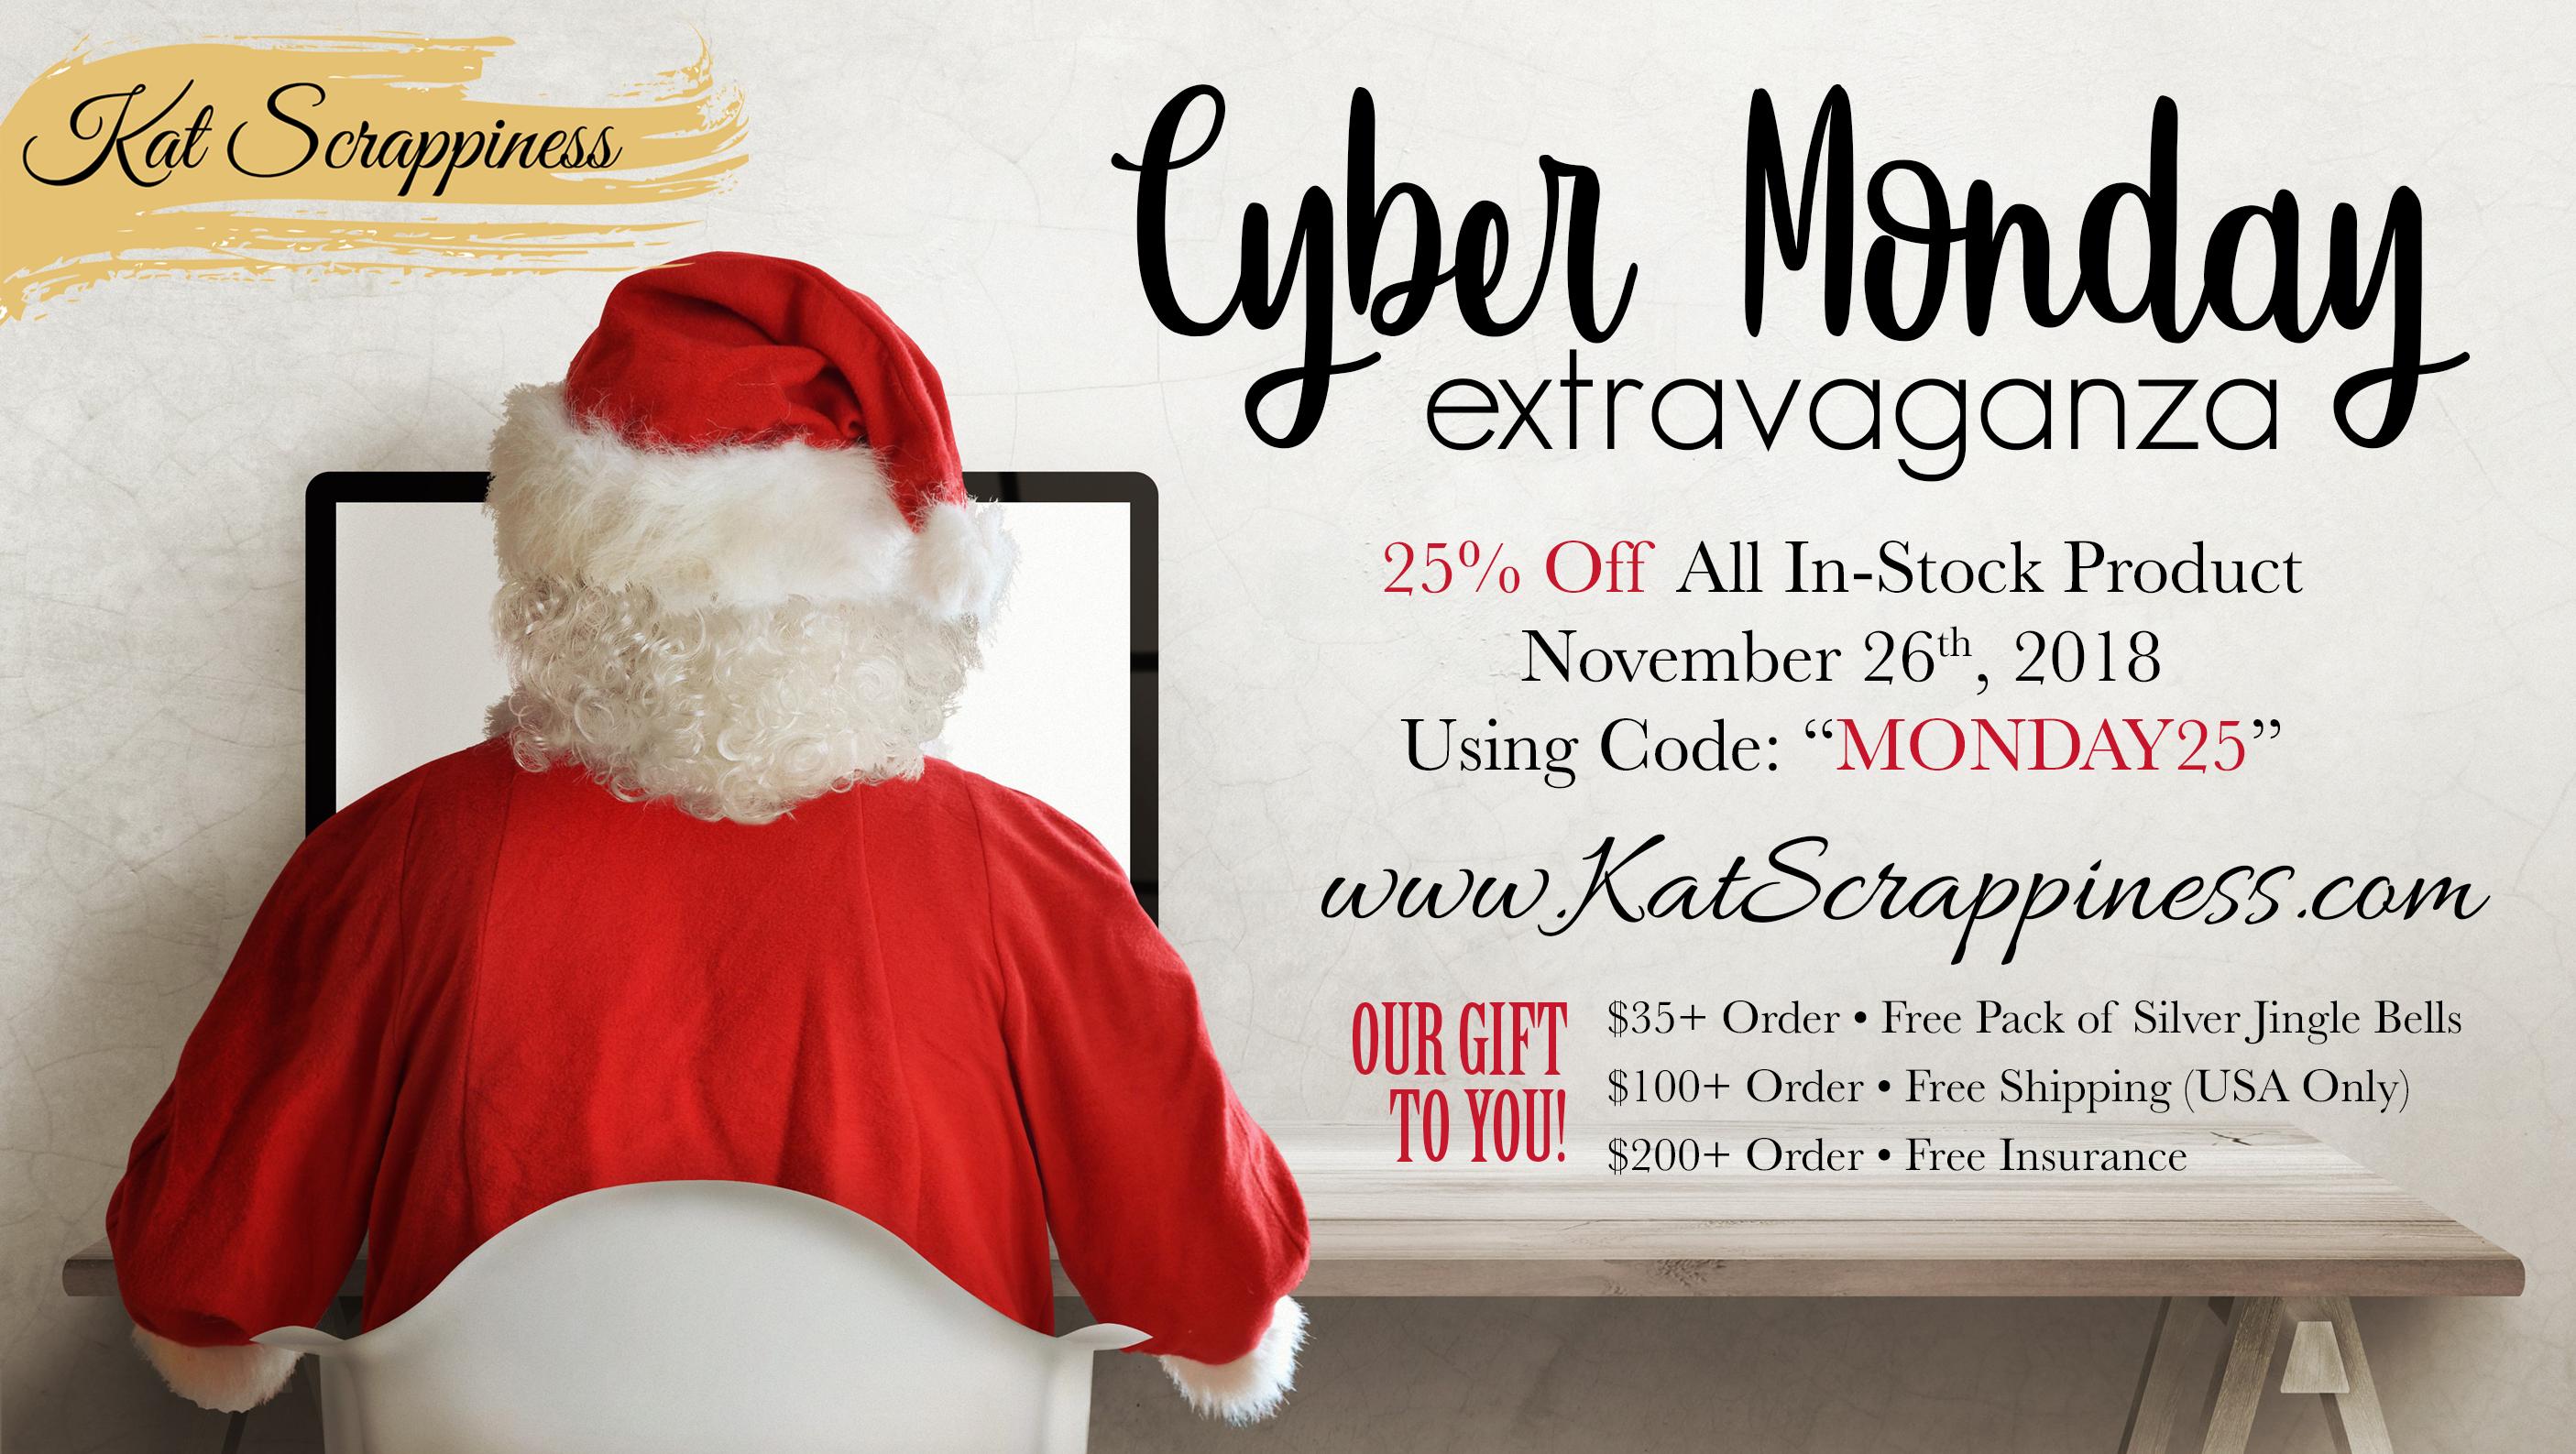 Kat Scrap Facebook Ad.png